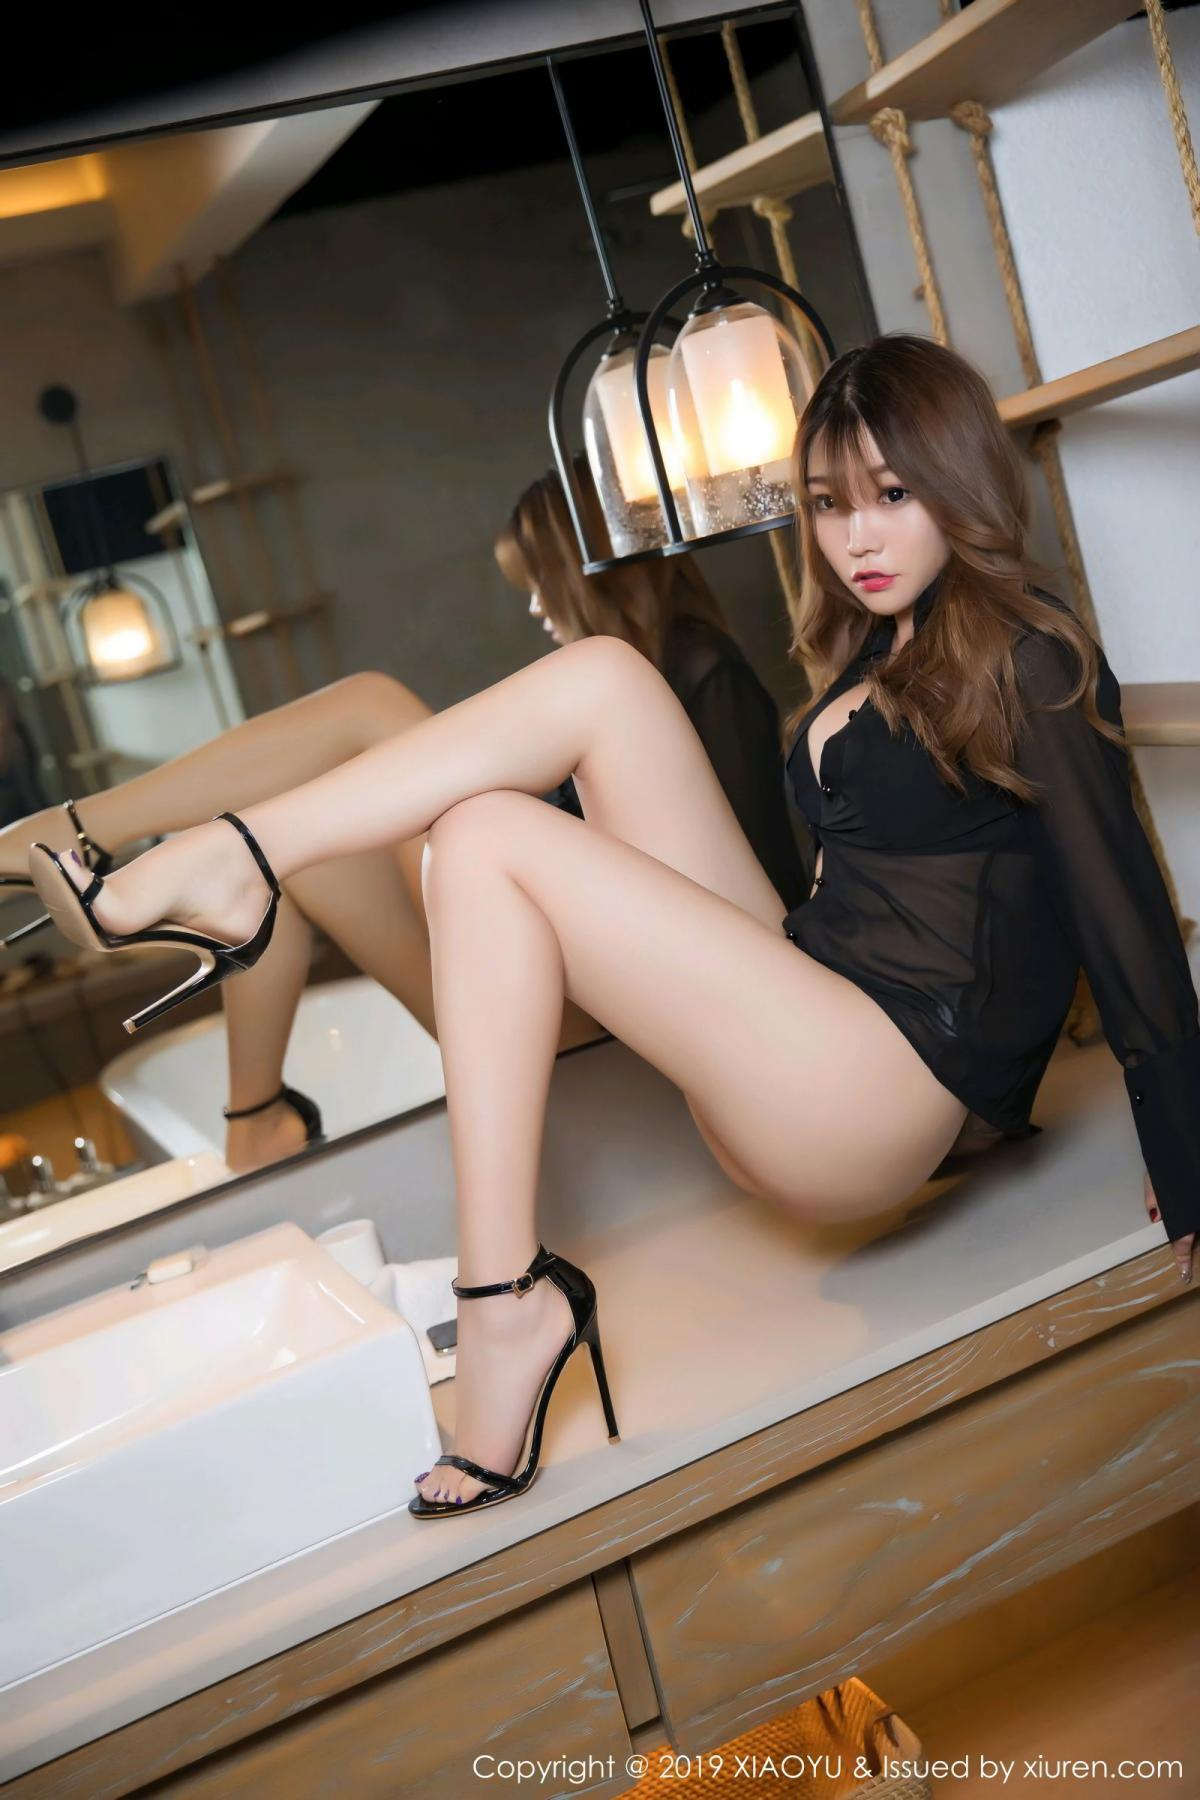 [XiaoYu] Vol.105 Chen Zhi 9P, Bathroom, Big Booty, Chen Zhi, Wet, XiaoYu